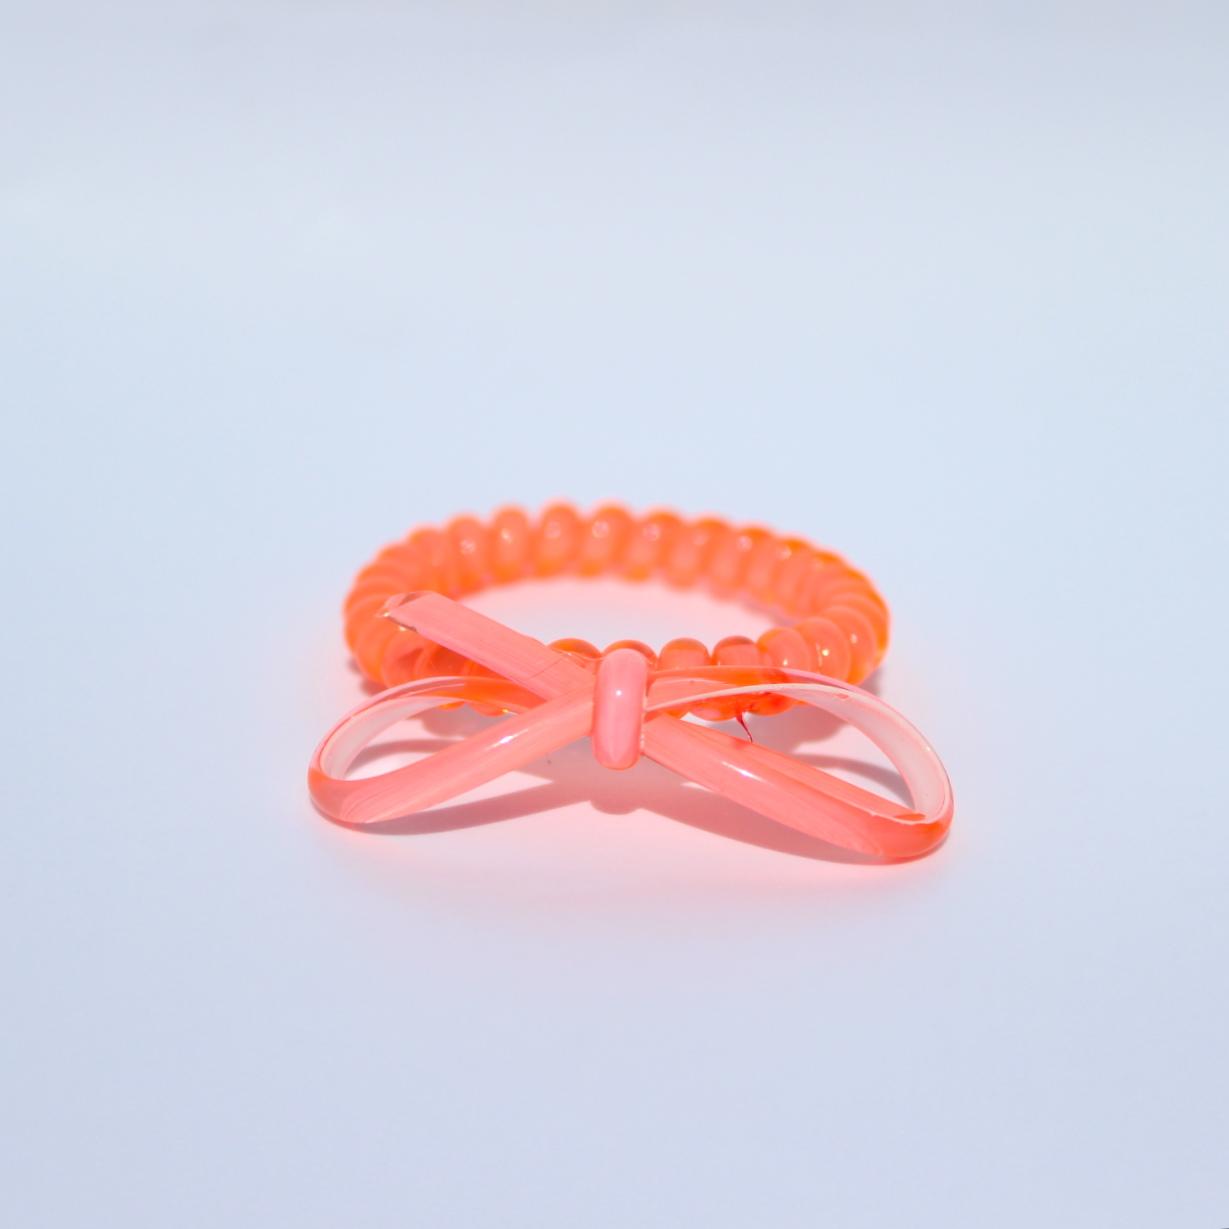 Neónovo koralová gumička do vlasov s mašličkou Hairfix - Bow Neon Coral